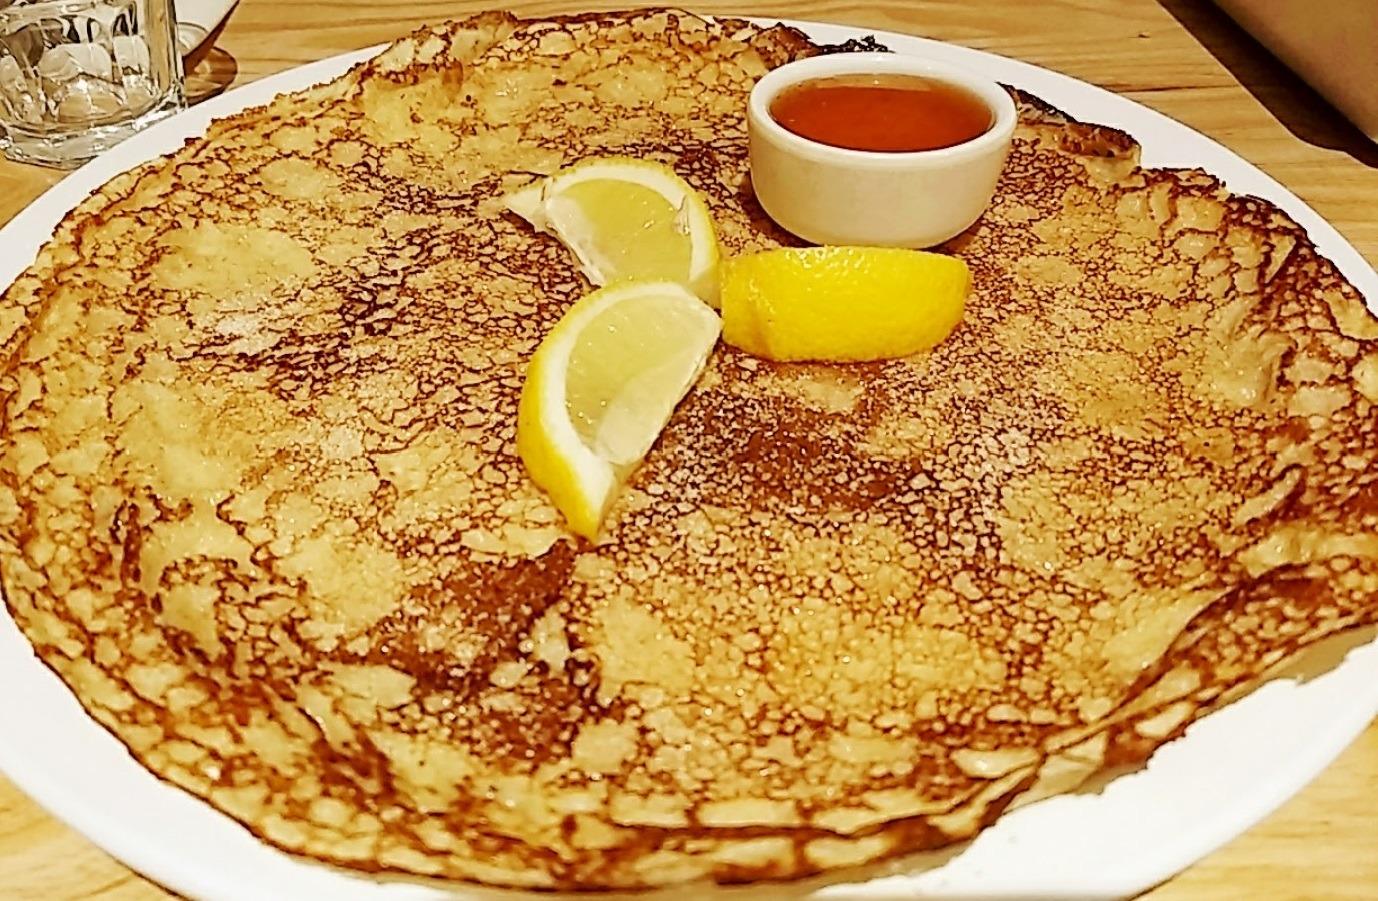 Dutch pancake